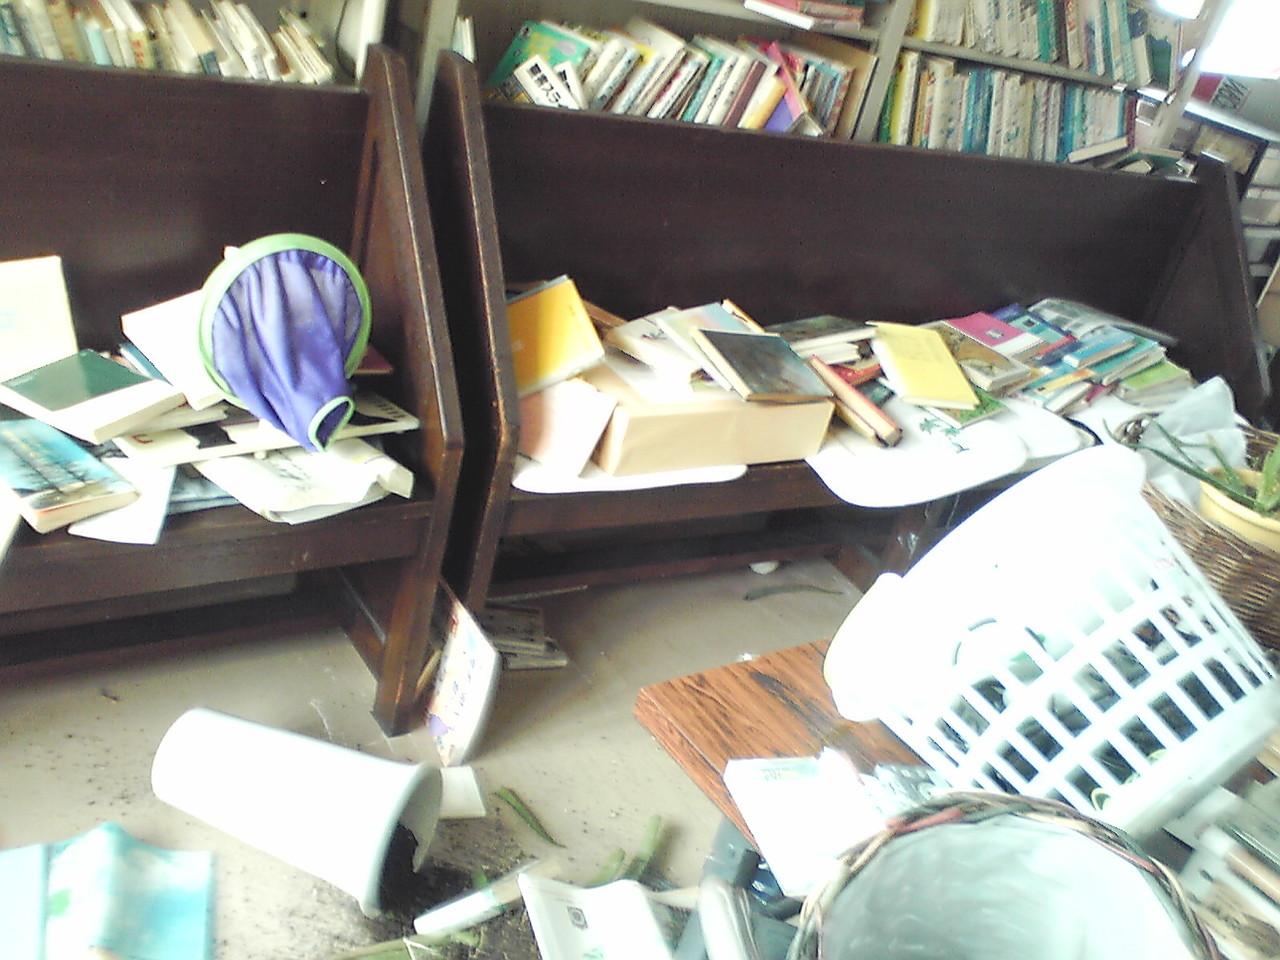 4月7日 夜半の余震